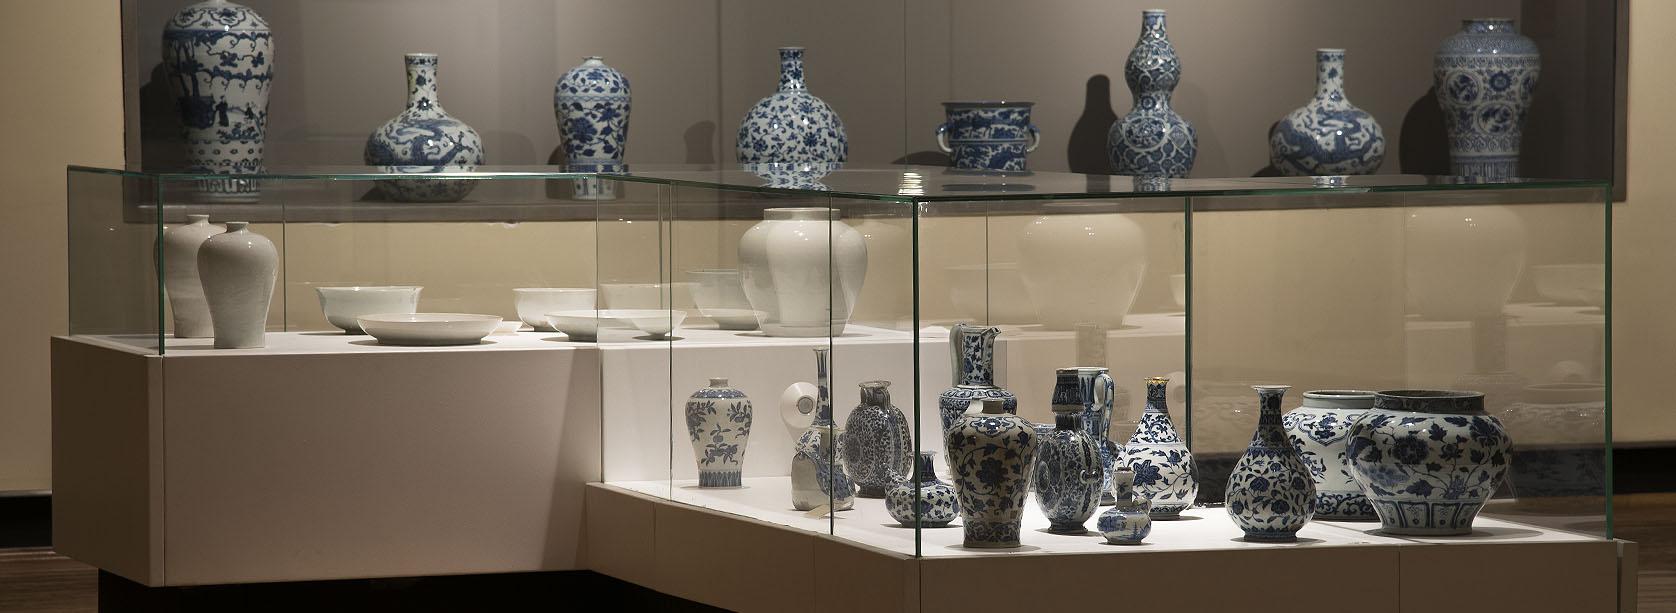 نگاهی به سرقتهای انجام شده از موزههای ایران